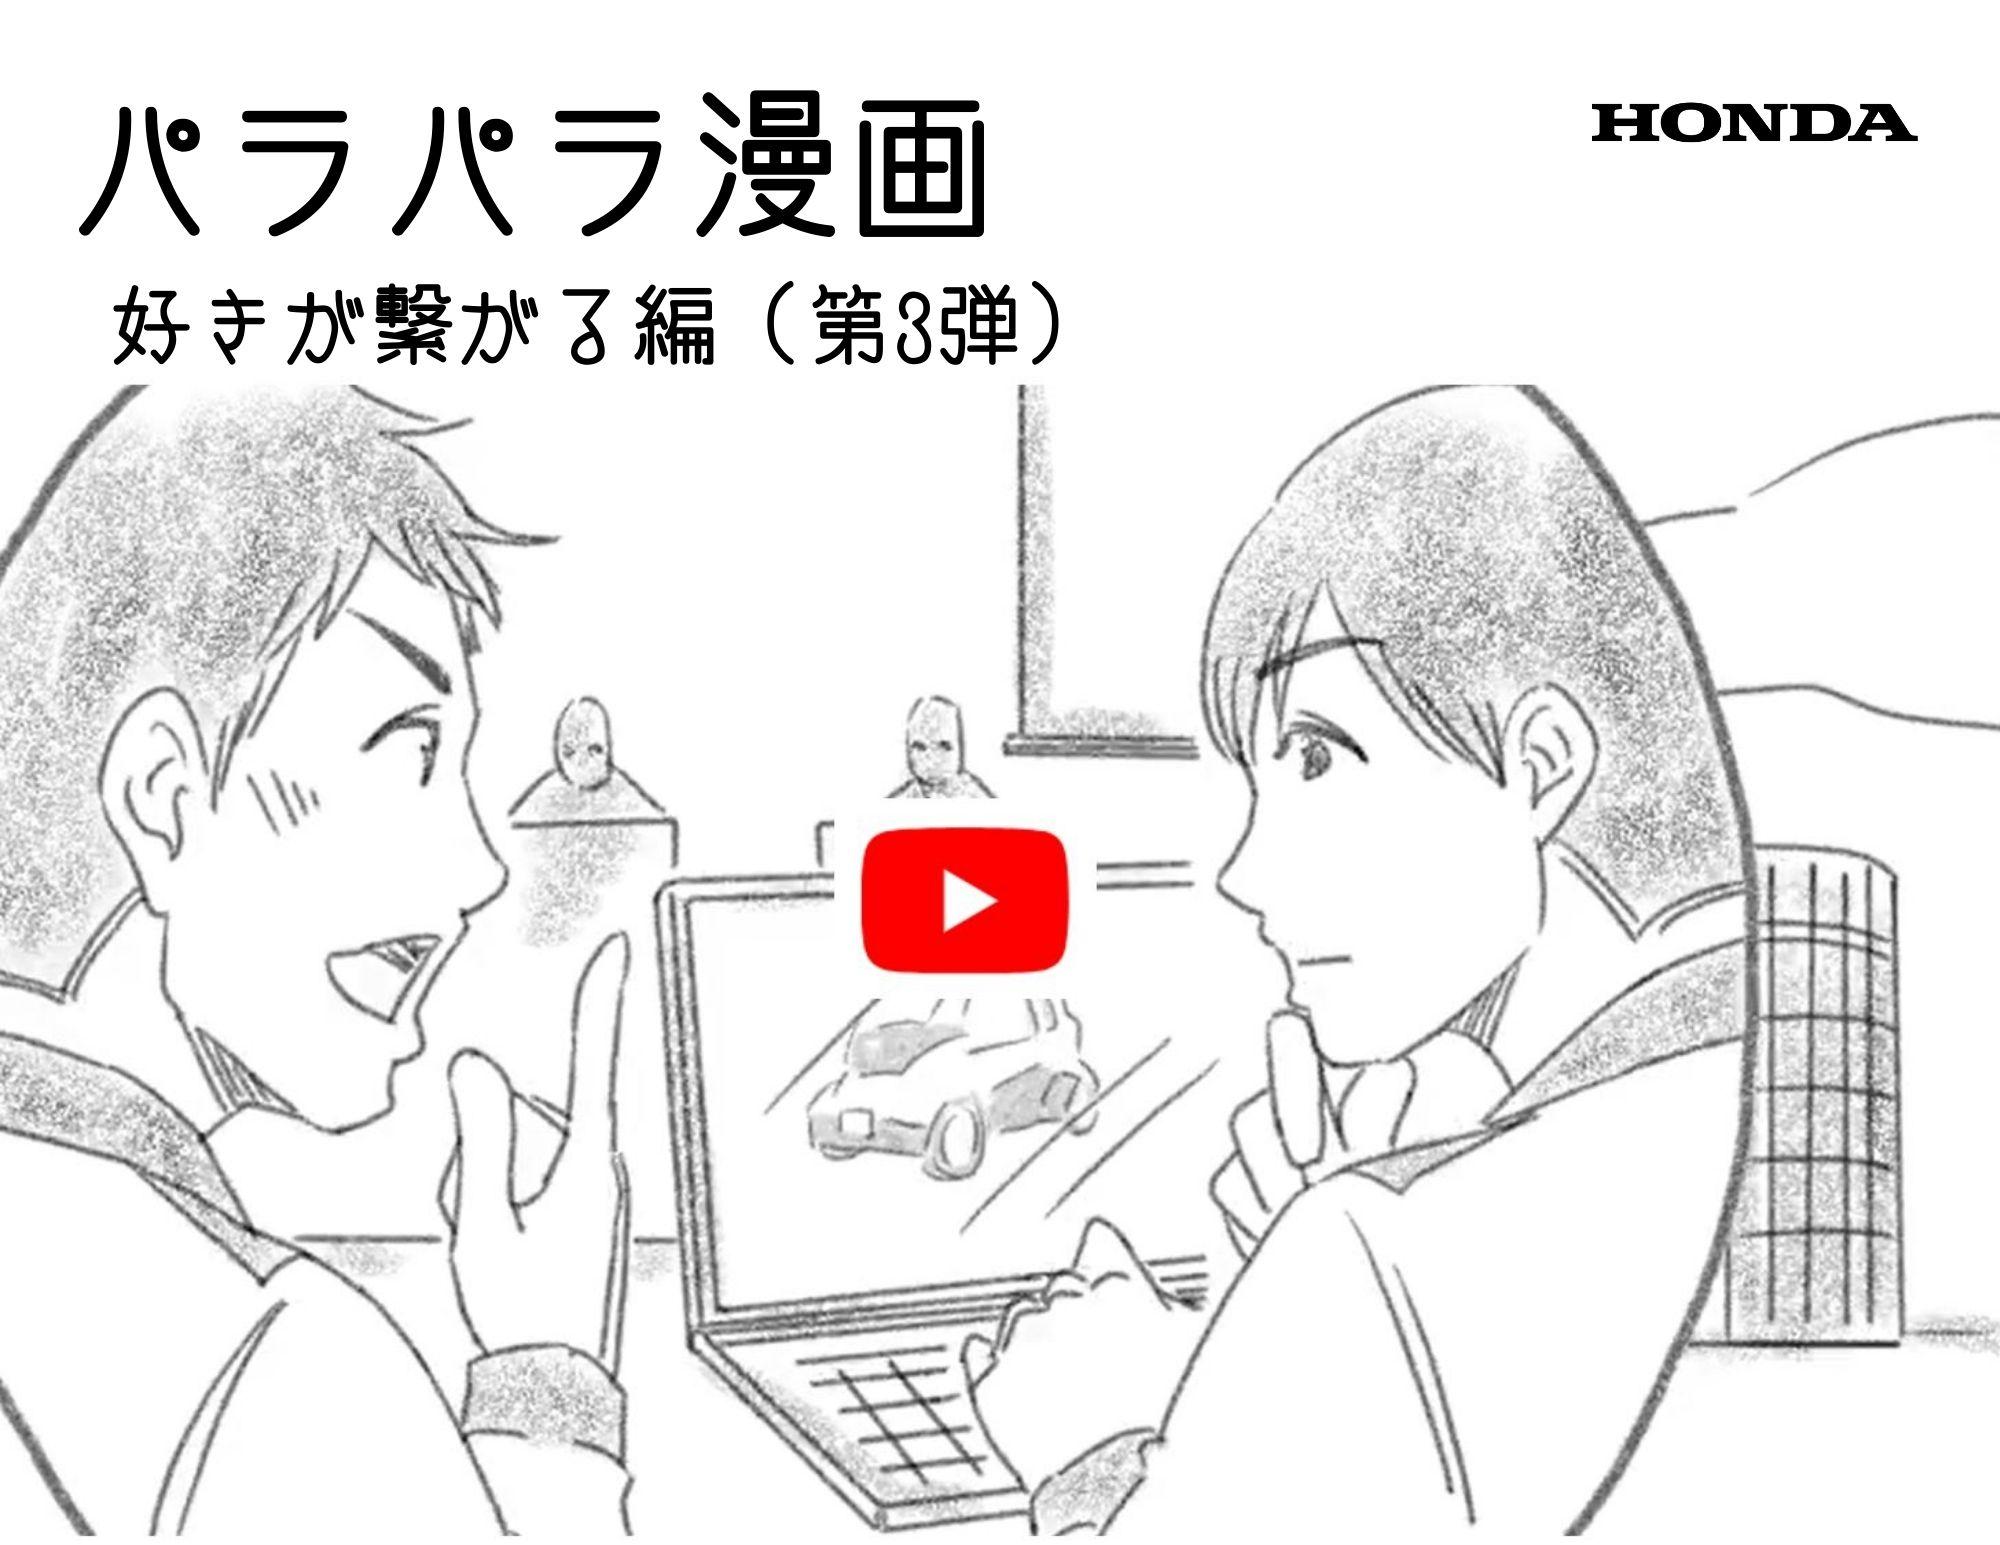 【初公開】パラパラ漫画ムービー第3弾「好きが繋がる編」